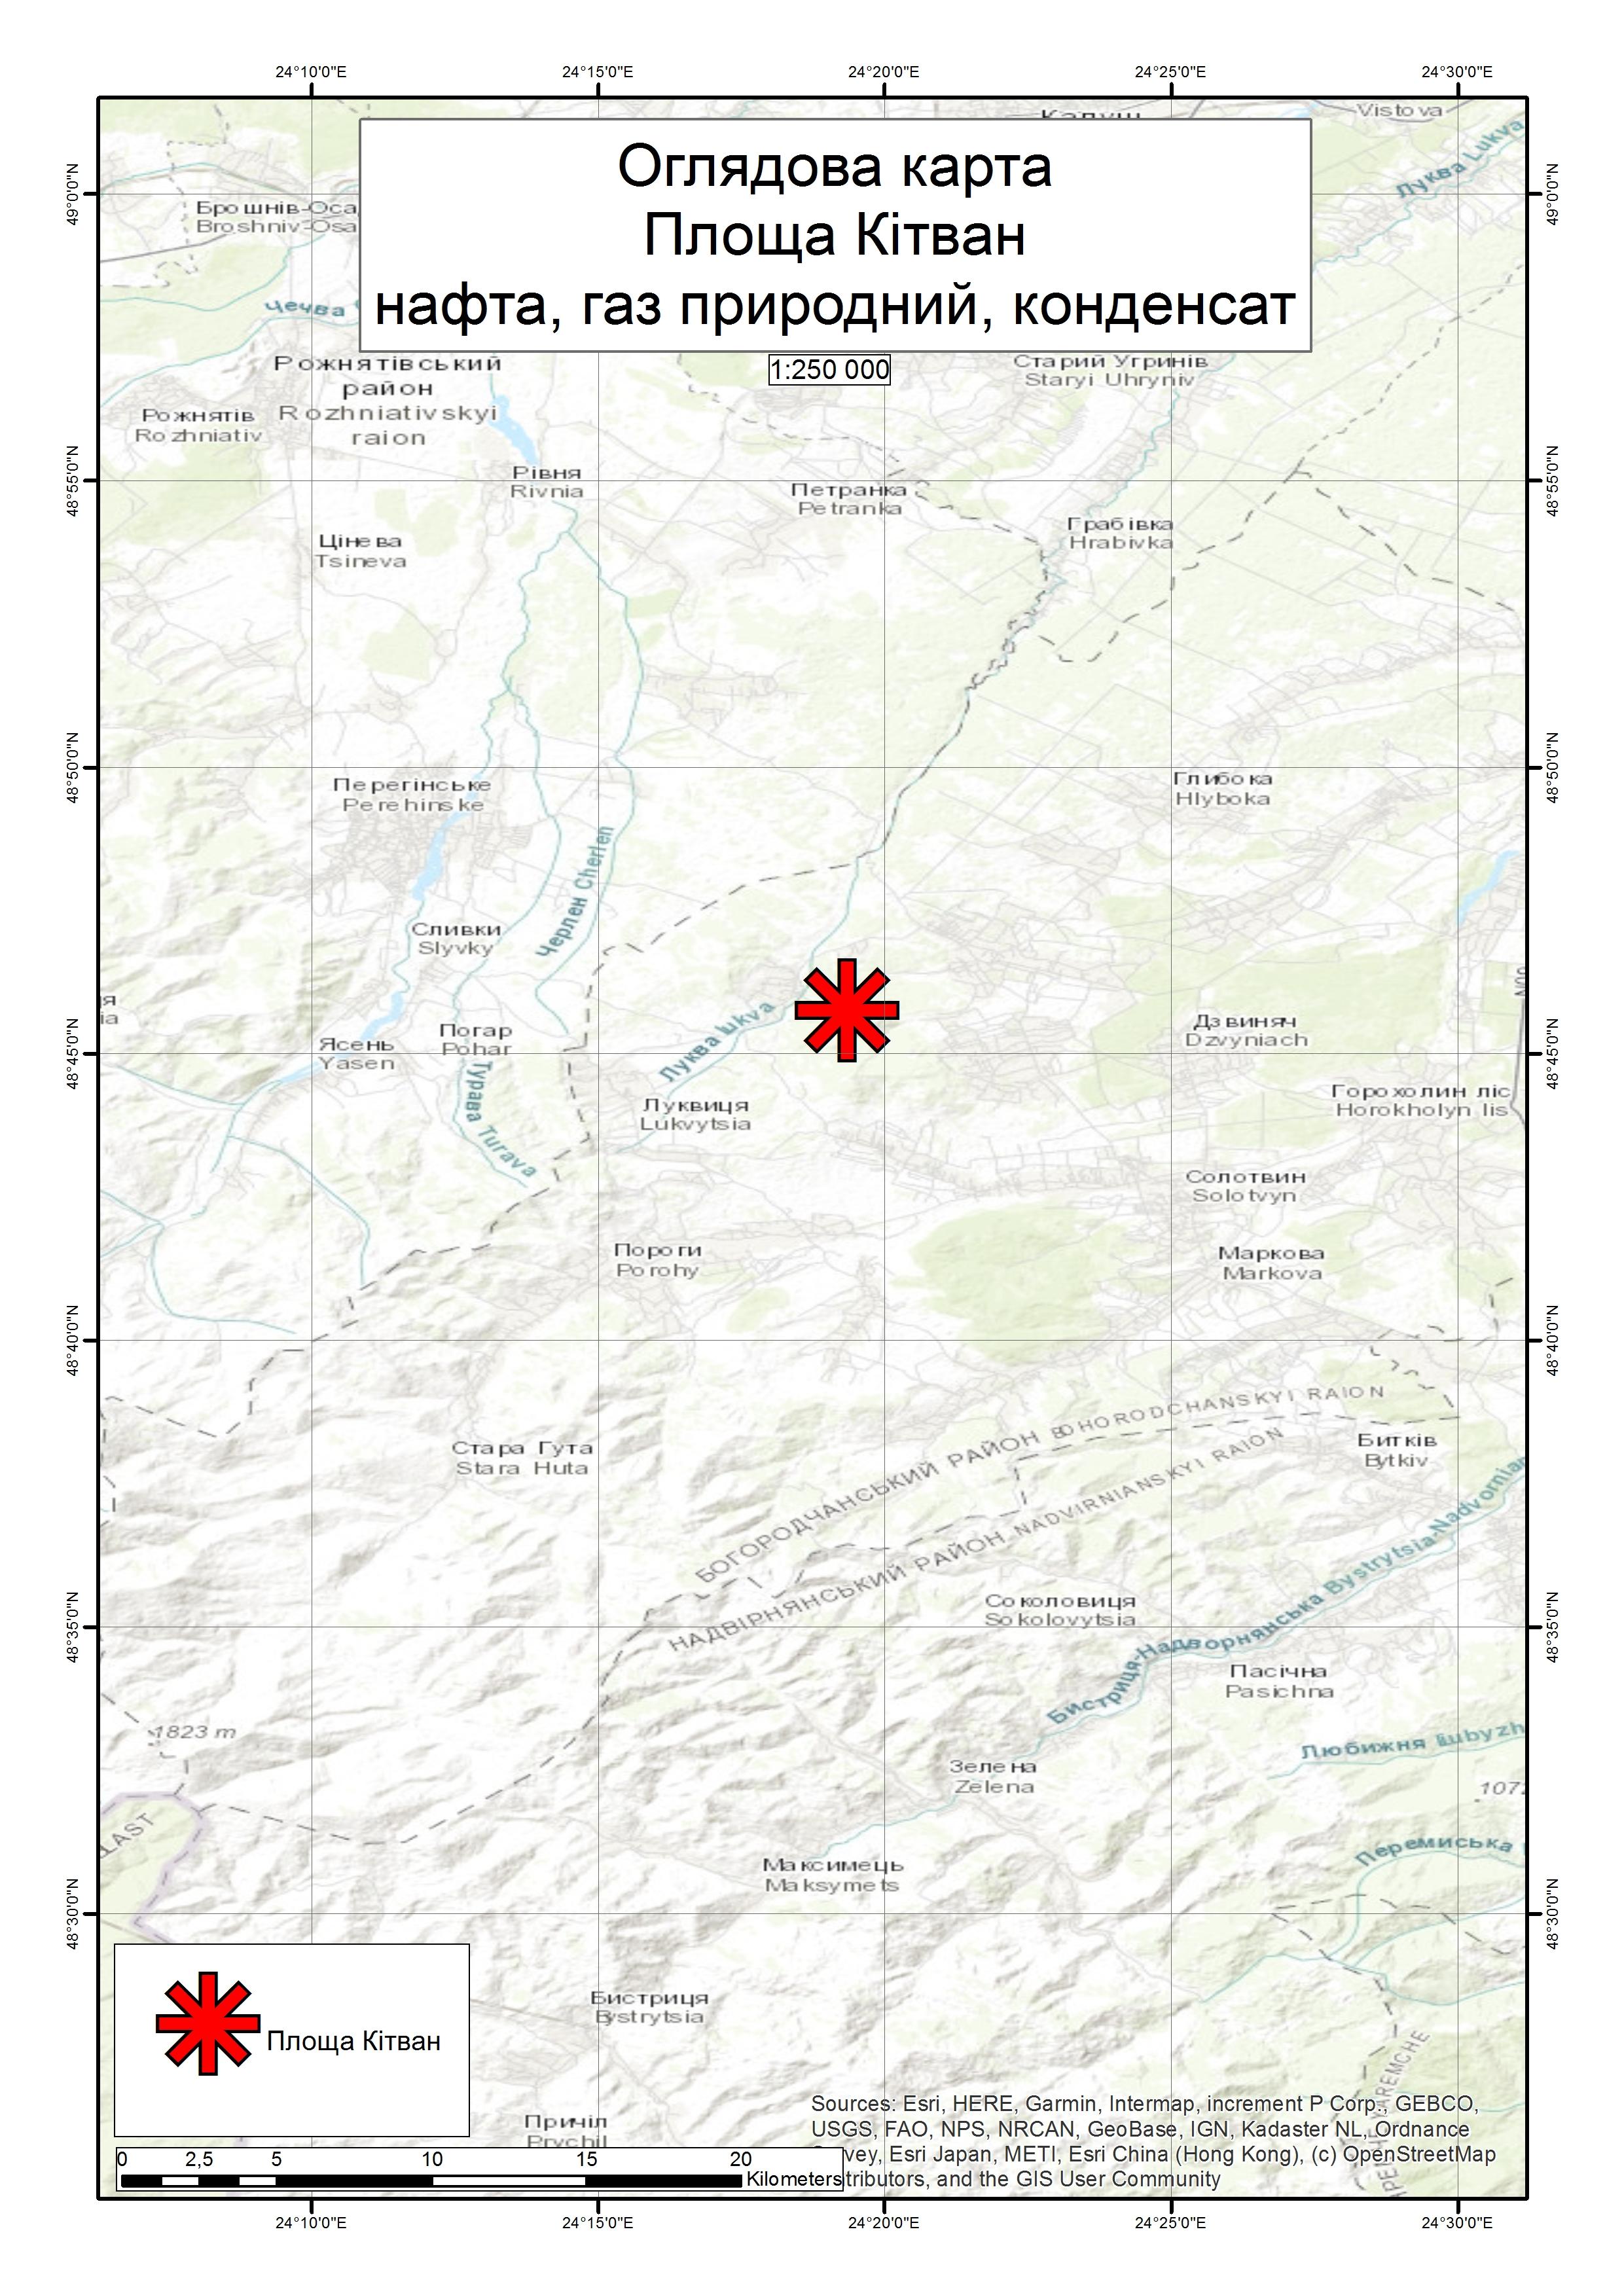 Спеціальний дозвіл на користування надрами – Площа Кітван. Вартість геологічної інформації – 273 357,99 грн (з ПДВ). Вартість пакету аукціонної документації – 60 051,26 грн (з ПДВ).